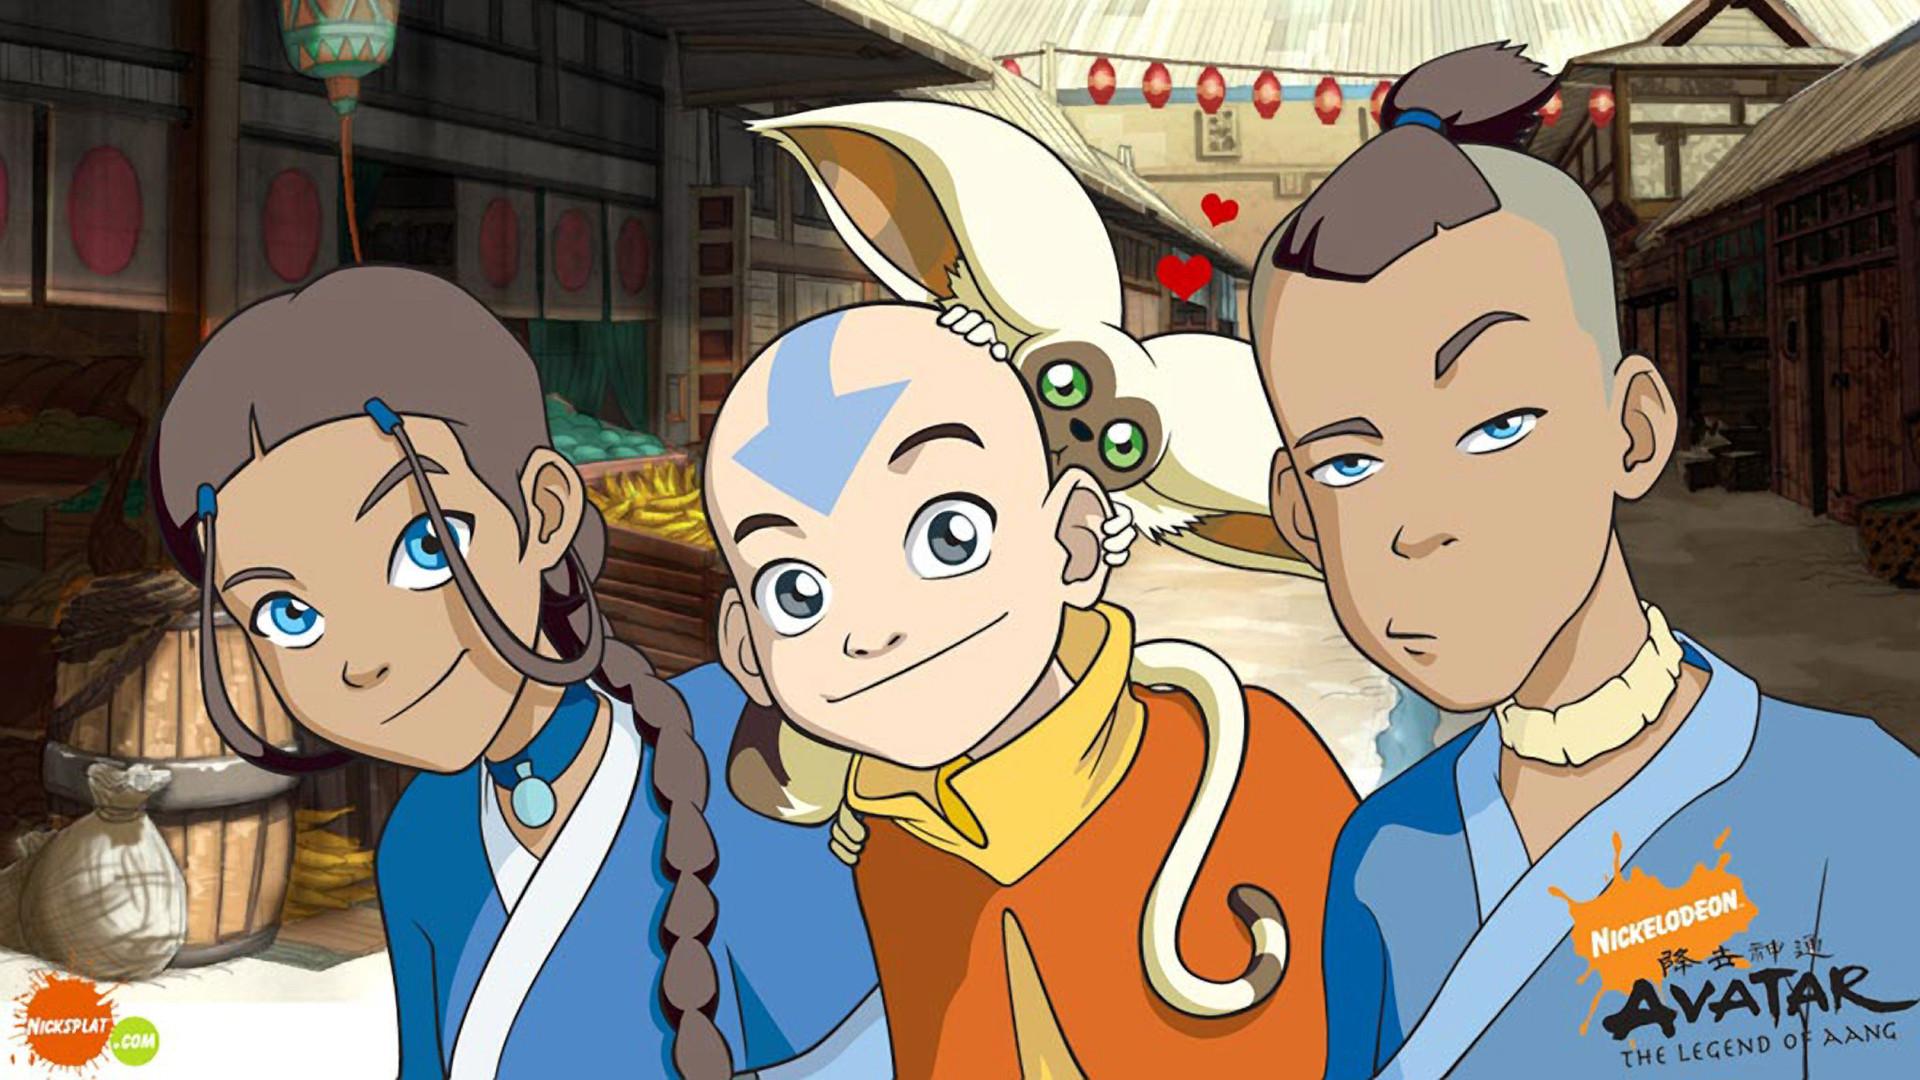 Der Avatar